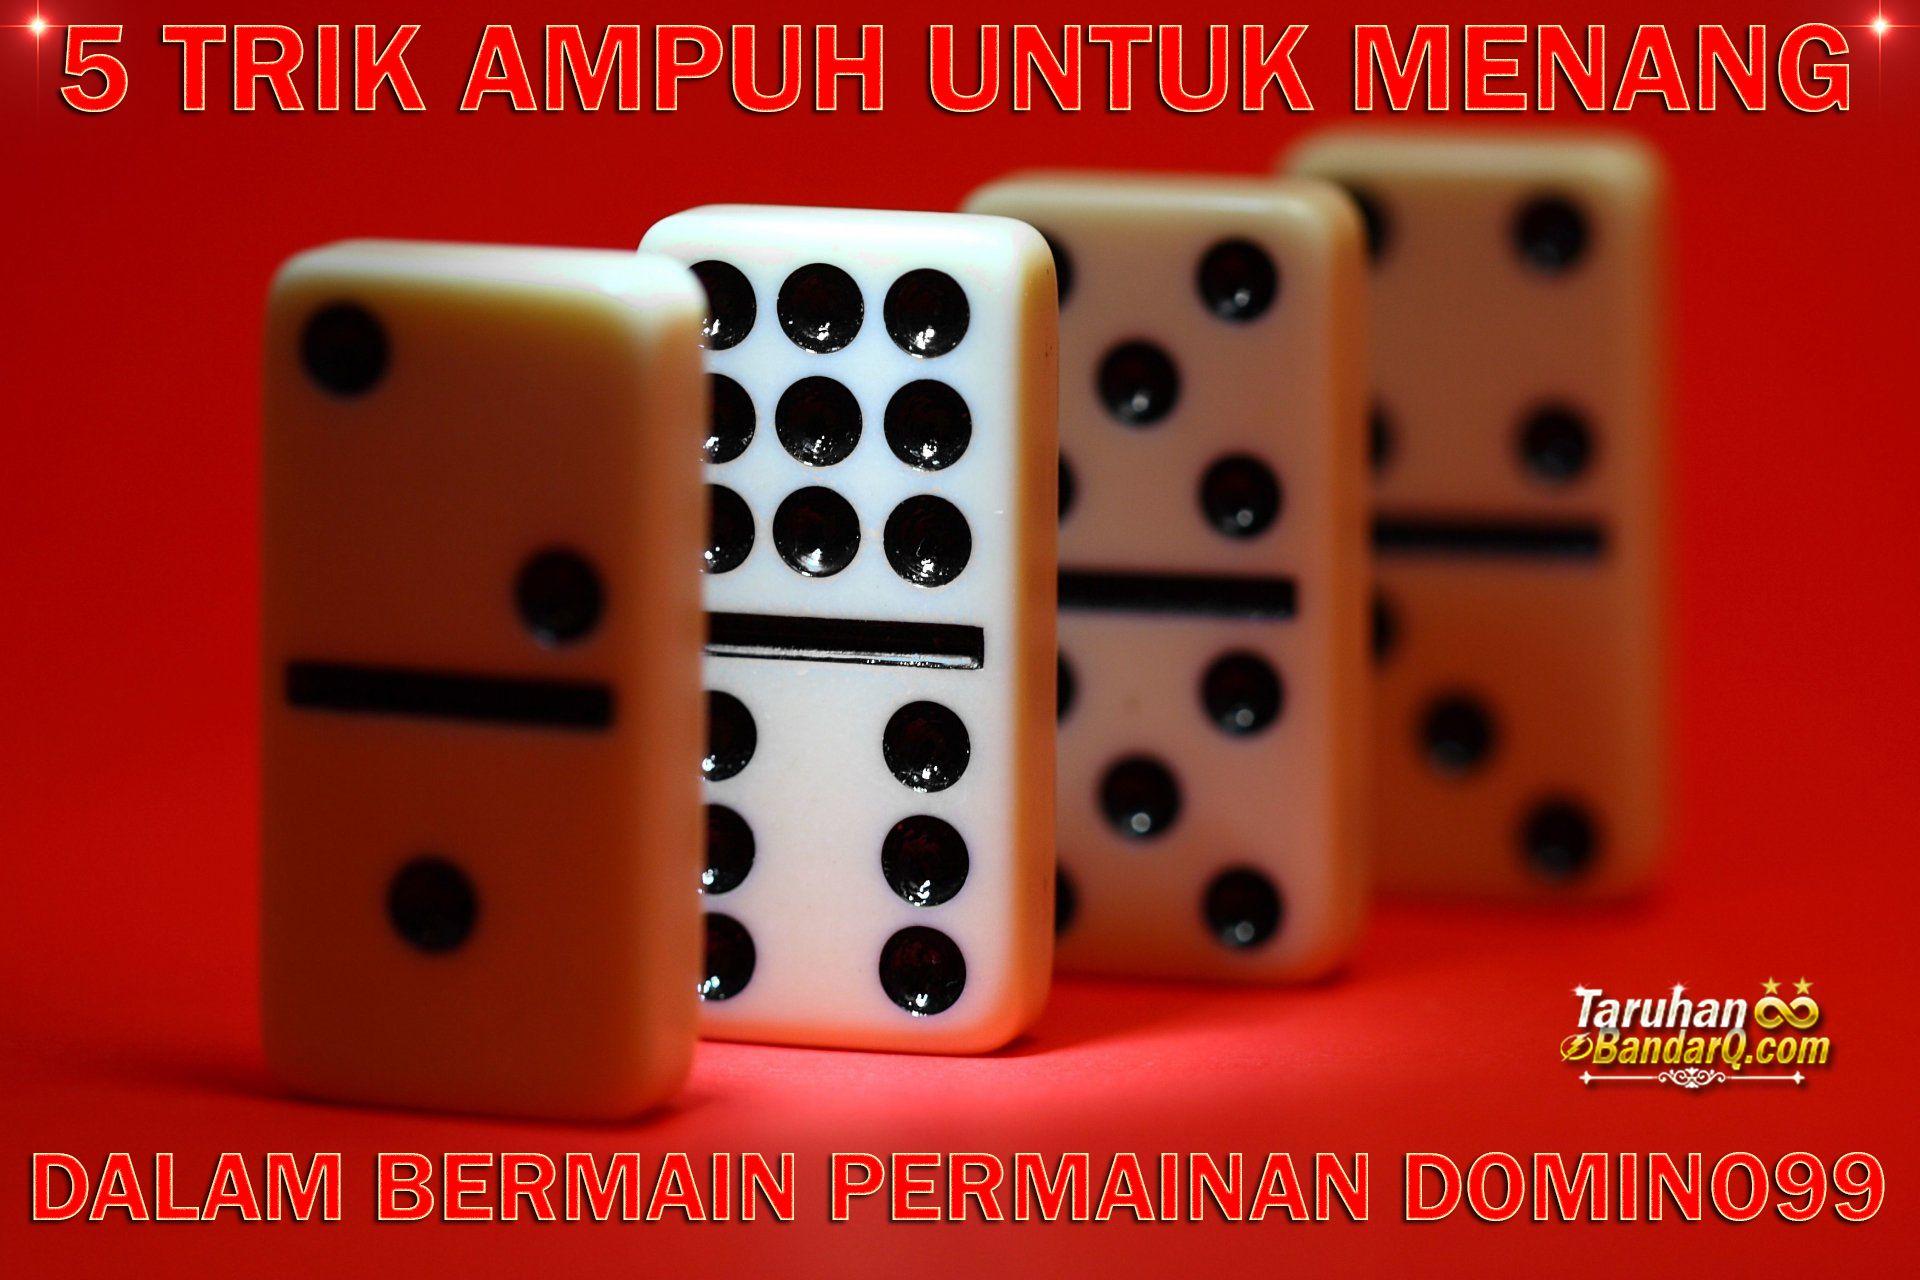 5 Trik Ampuh Untuk Menang Dalam Bermain Permainan Domino99